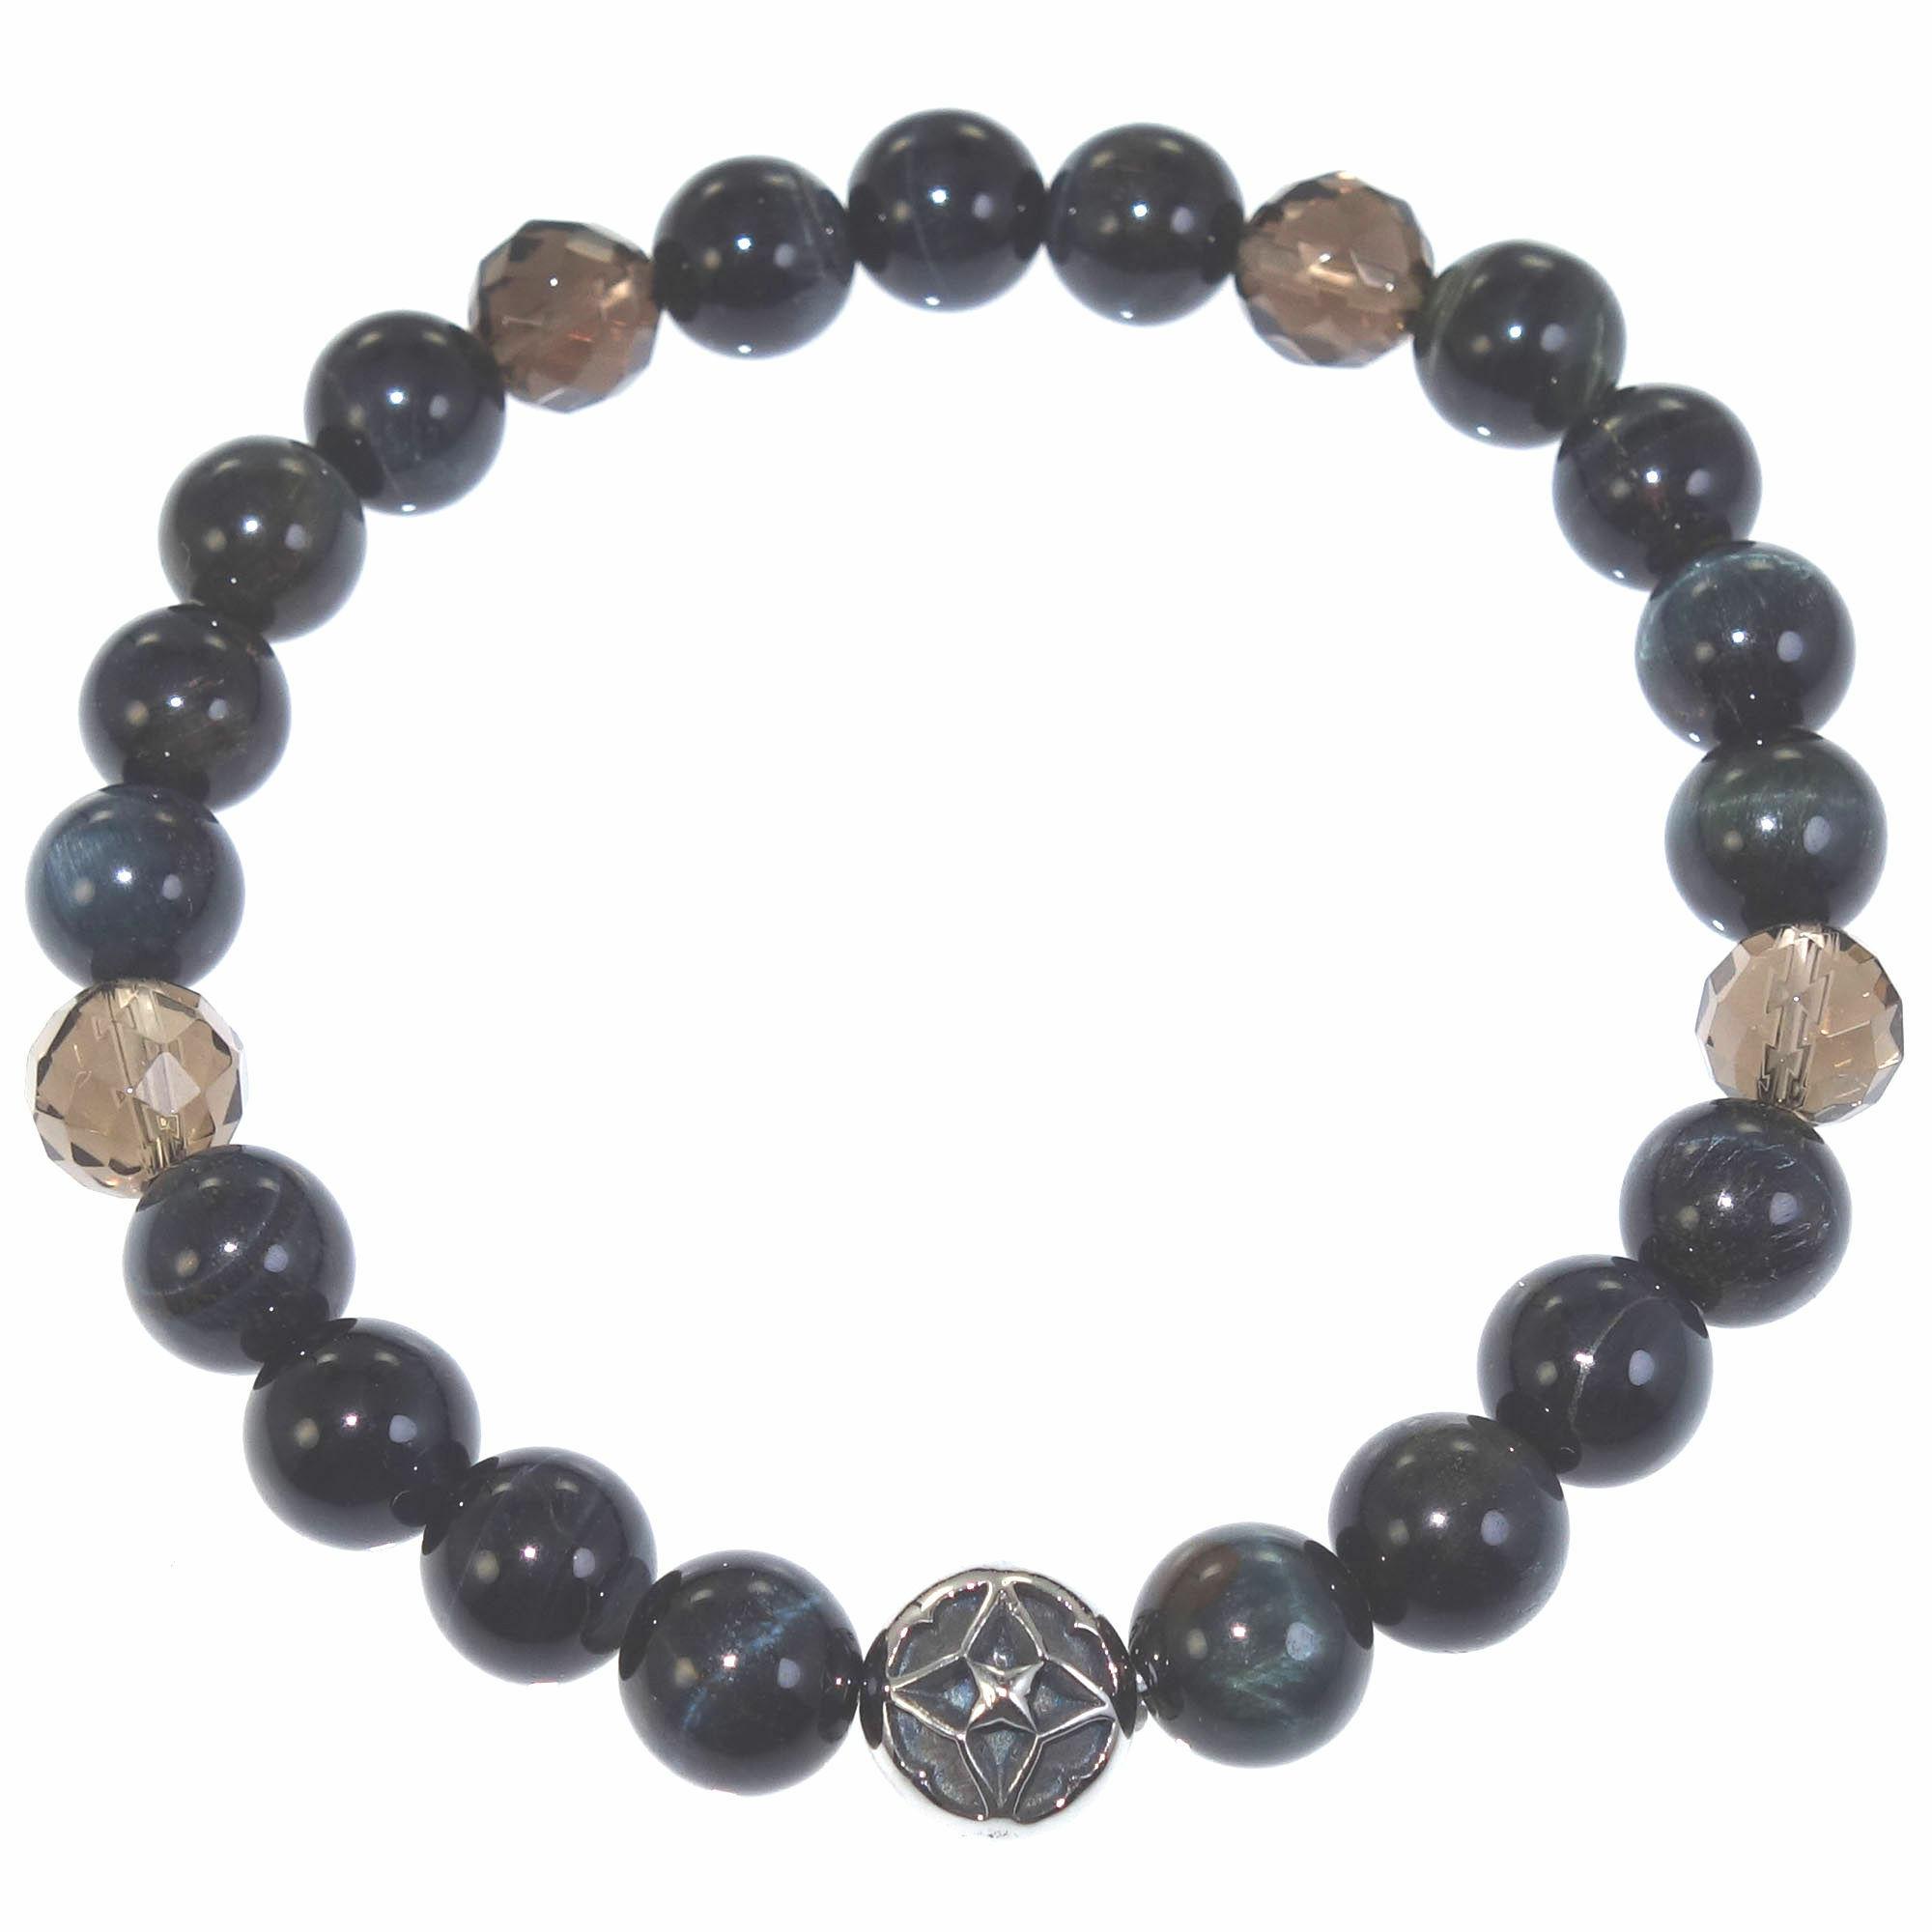 トレサリーブルータイガーアイ数珠ブレス ACB0100